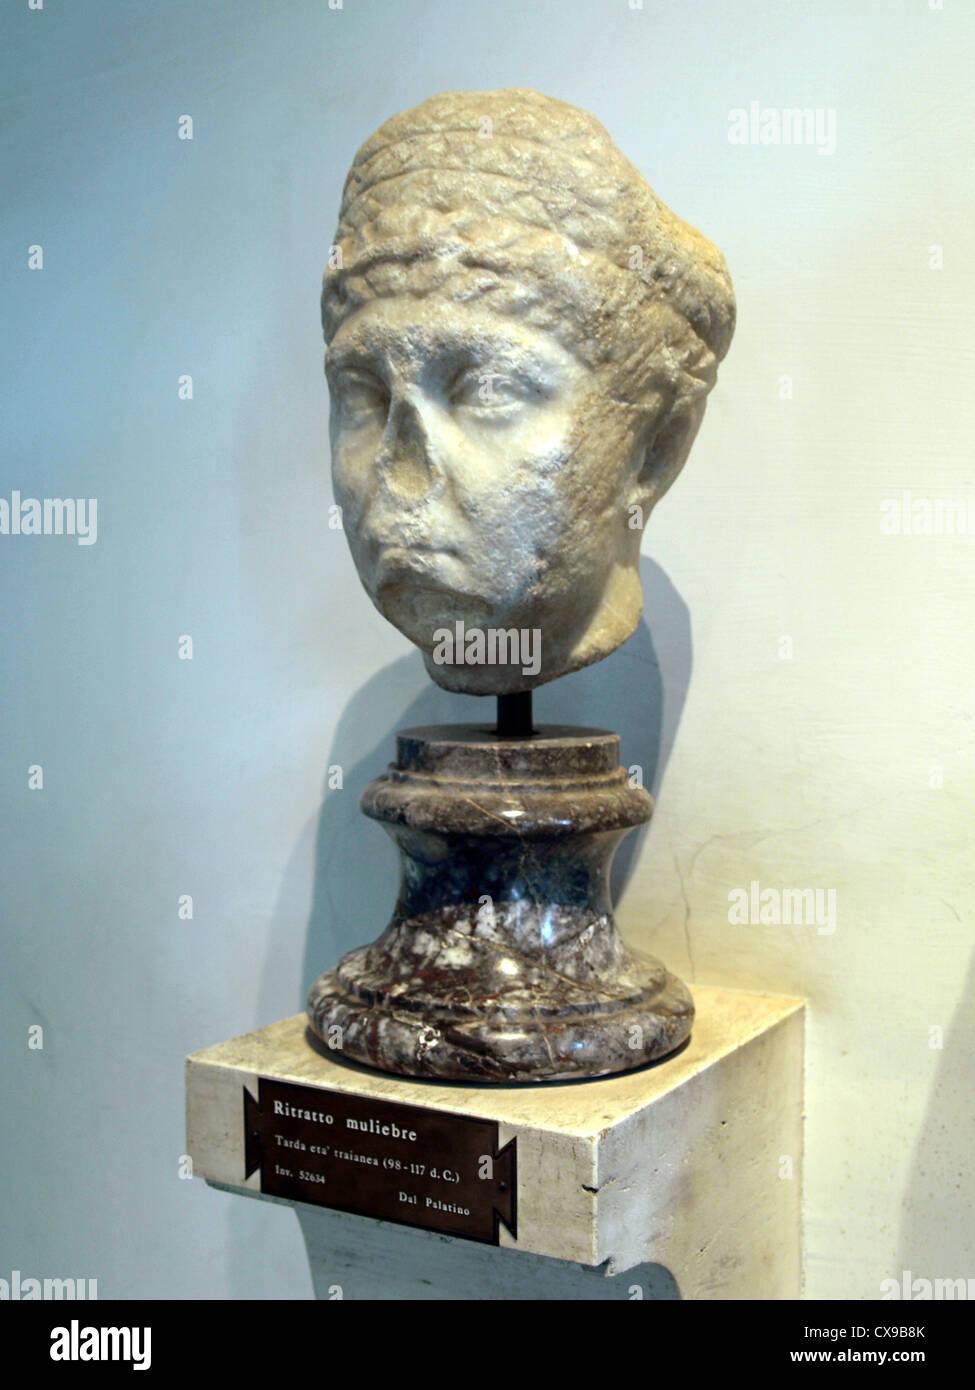 Antiquarium del Palatino, Ritratto muliebre other. - Stock Image